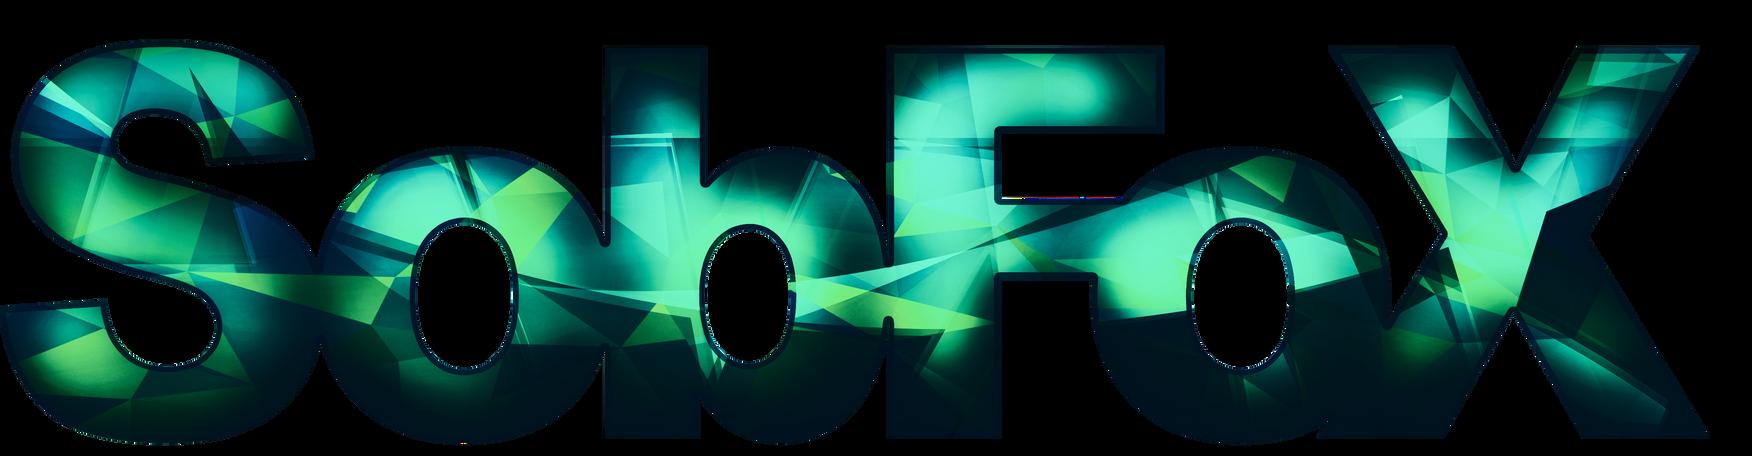 SobFoX 2D Logo By Ap3x